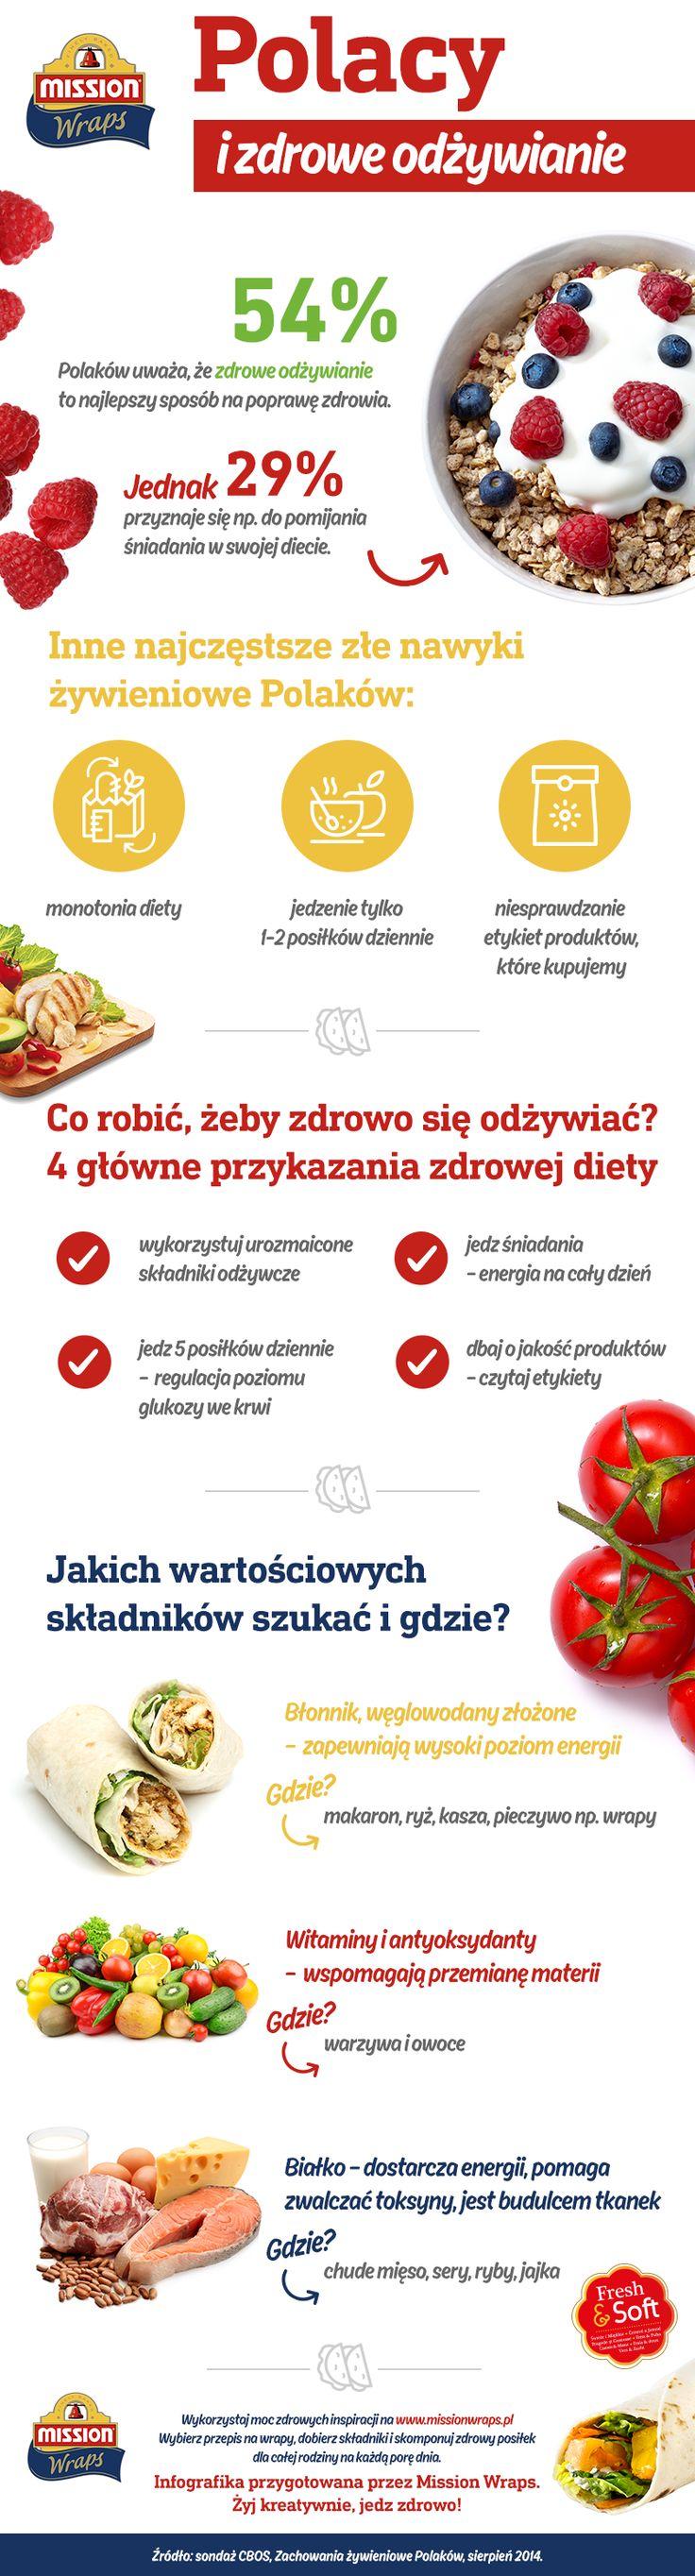 #missionwraps #wraps #infografika #zdrowie #odżywianie #kreatywnie #inphographic #food #inspiration #meal #nawyki #jedzenie #sondaż #badanie #inspiracja #wrapy www.missionwraps.pl